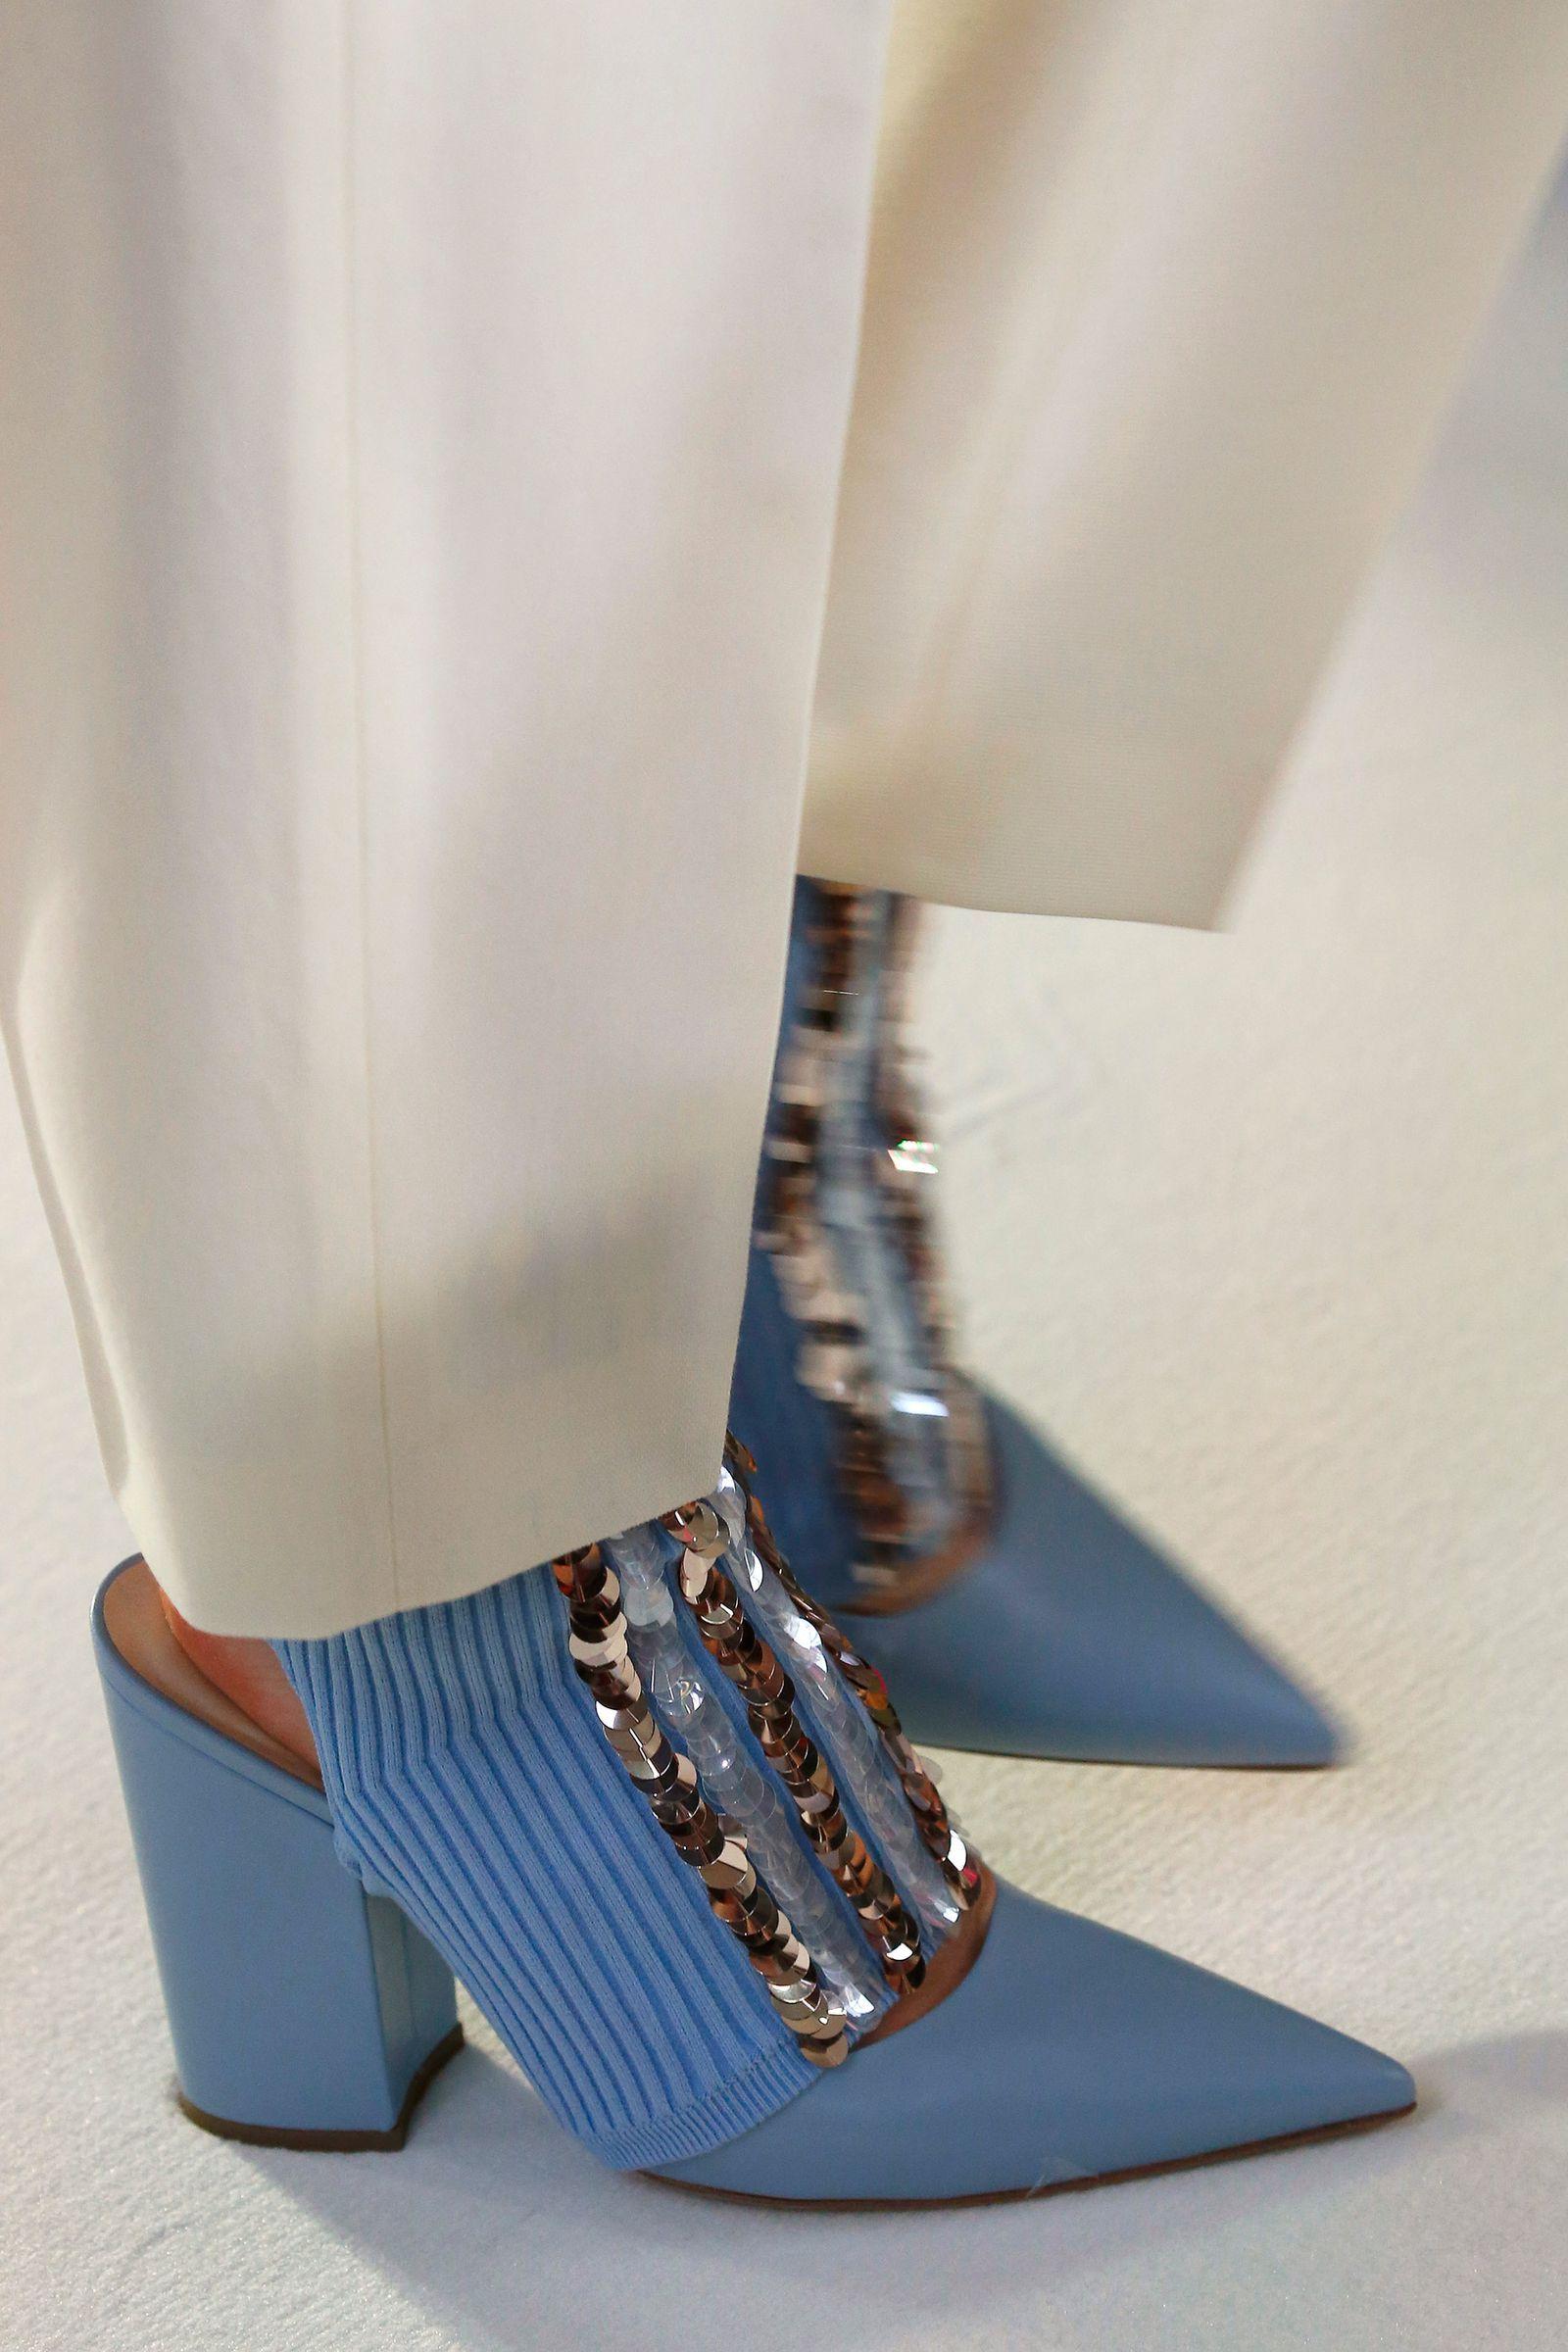 57d953da030 Delpozo- HarpersBAZAARUK Bags 2018, Delpozo, Blue Fashion, Fashion Shoes,  Cool Boots